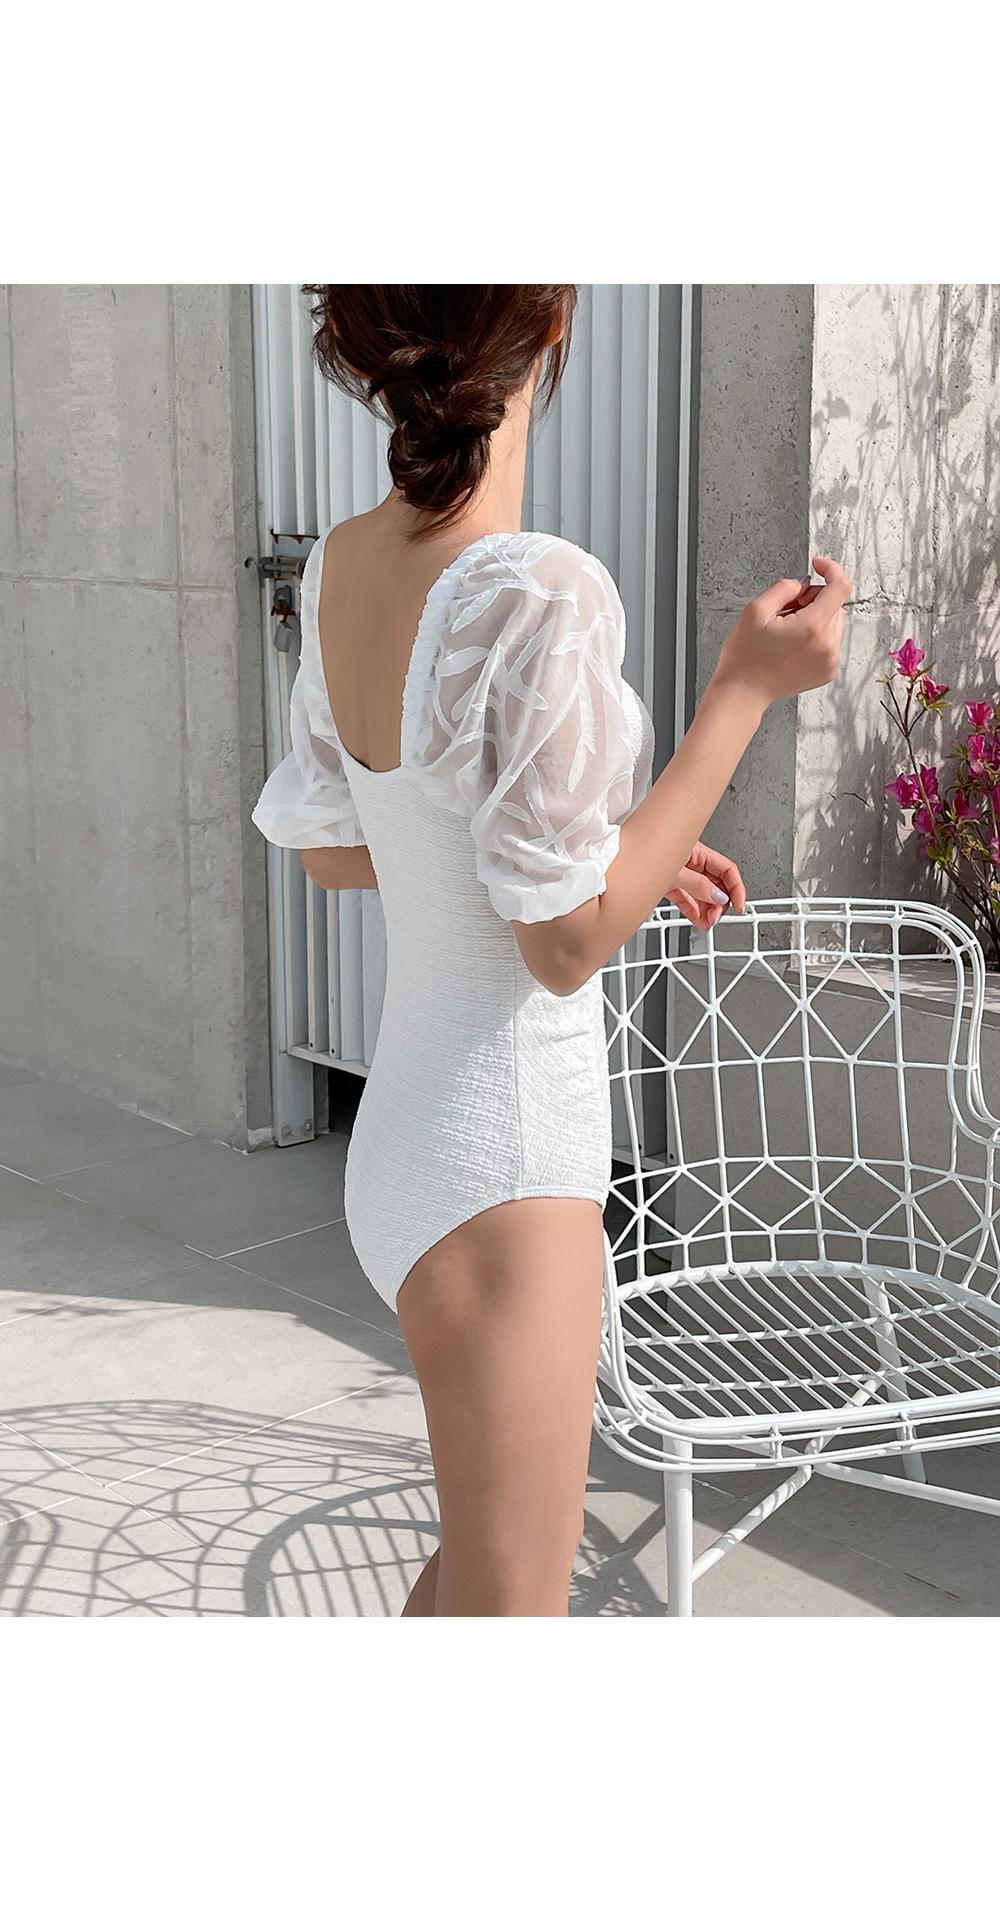 Trisha Lace Short Sleeve Swimsuit  -Holiholic